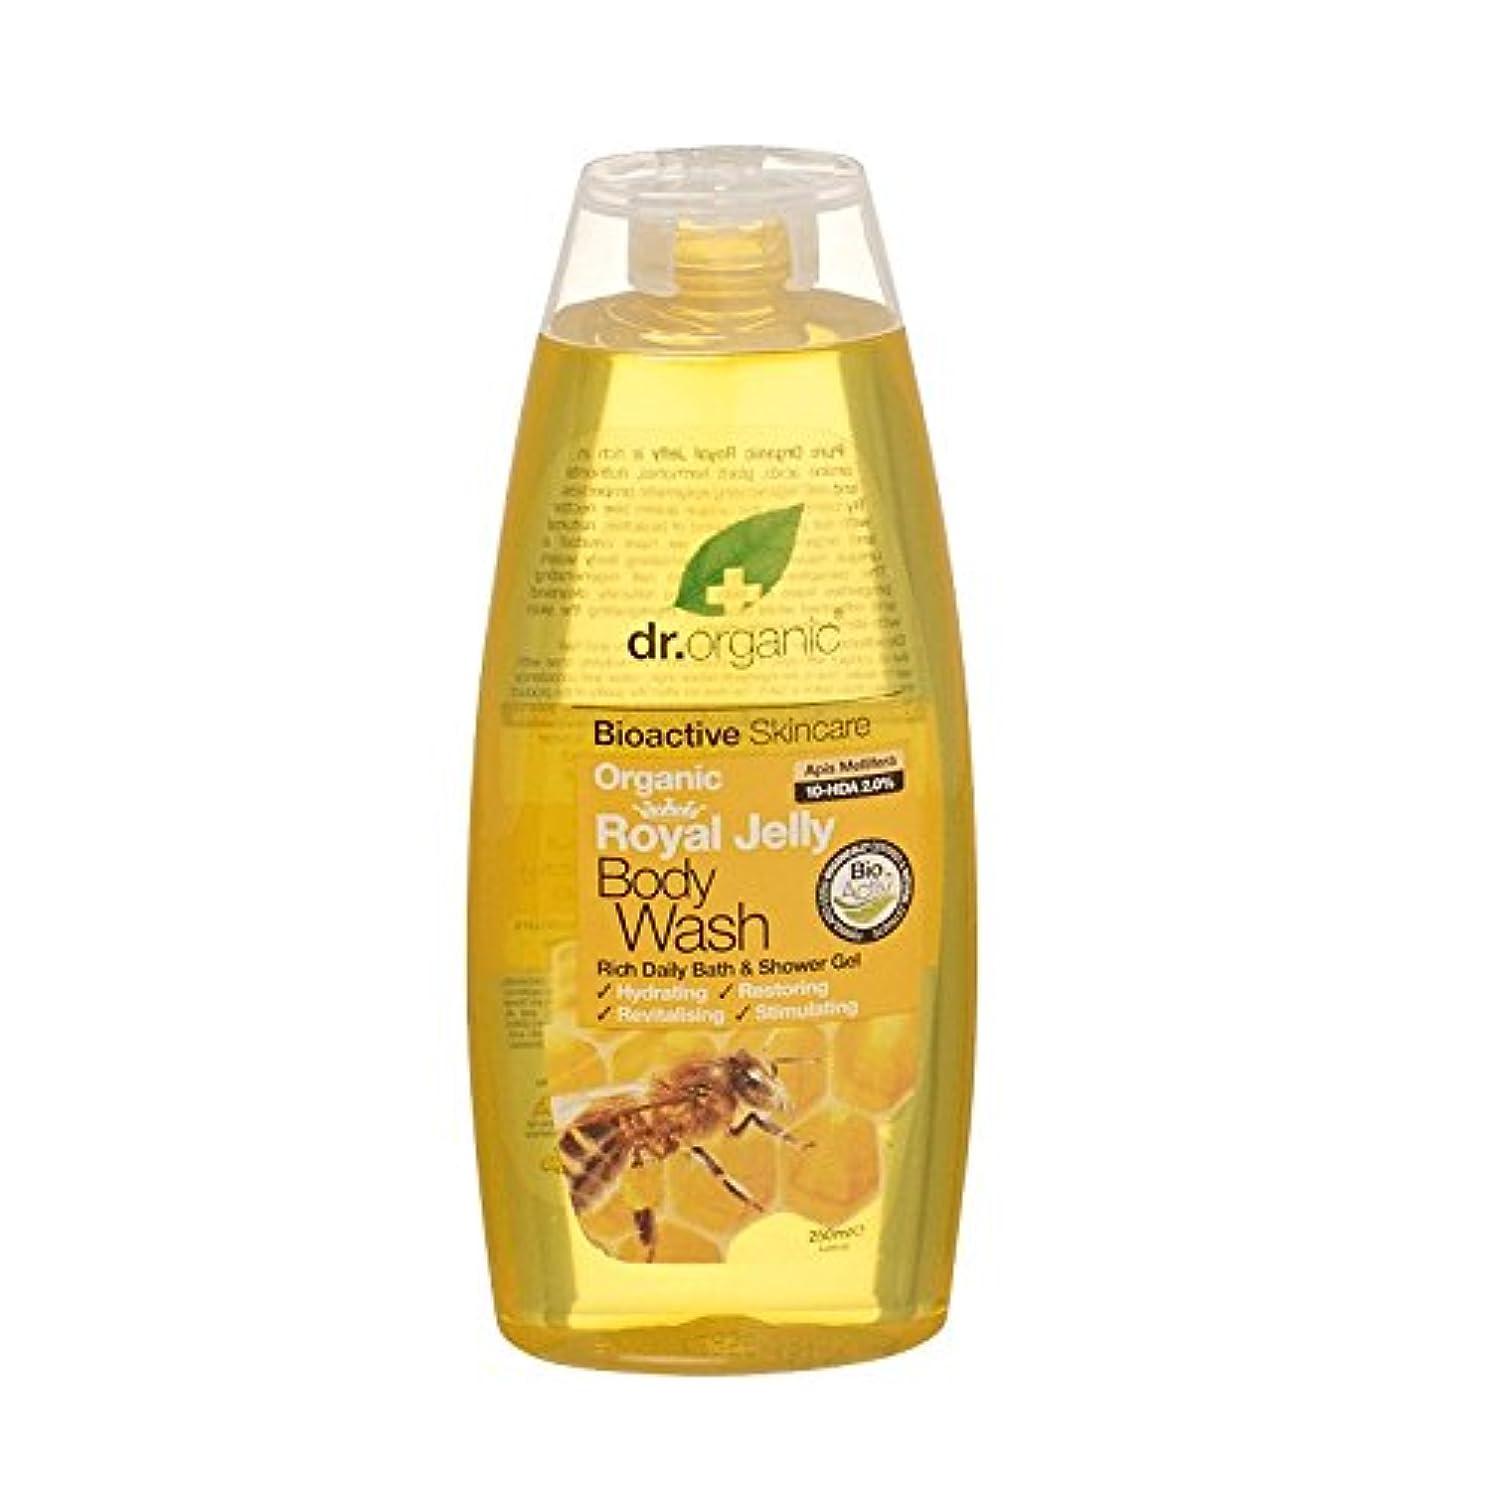 観光に行く損なう不満Dr Organic Royal Jelly Body Wash (Pack of 6) - Dr有機ローヤルゼリーボディウォッシュ (x6) [並行輸入品]